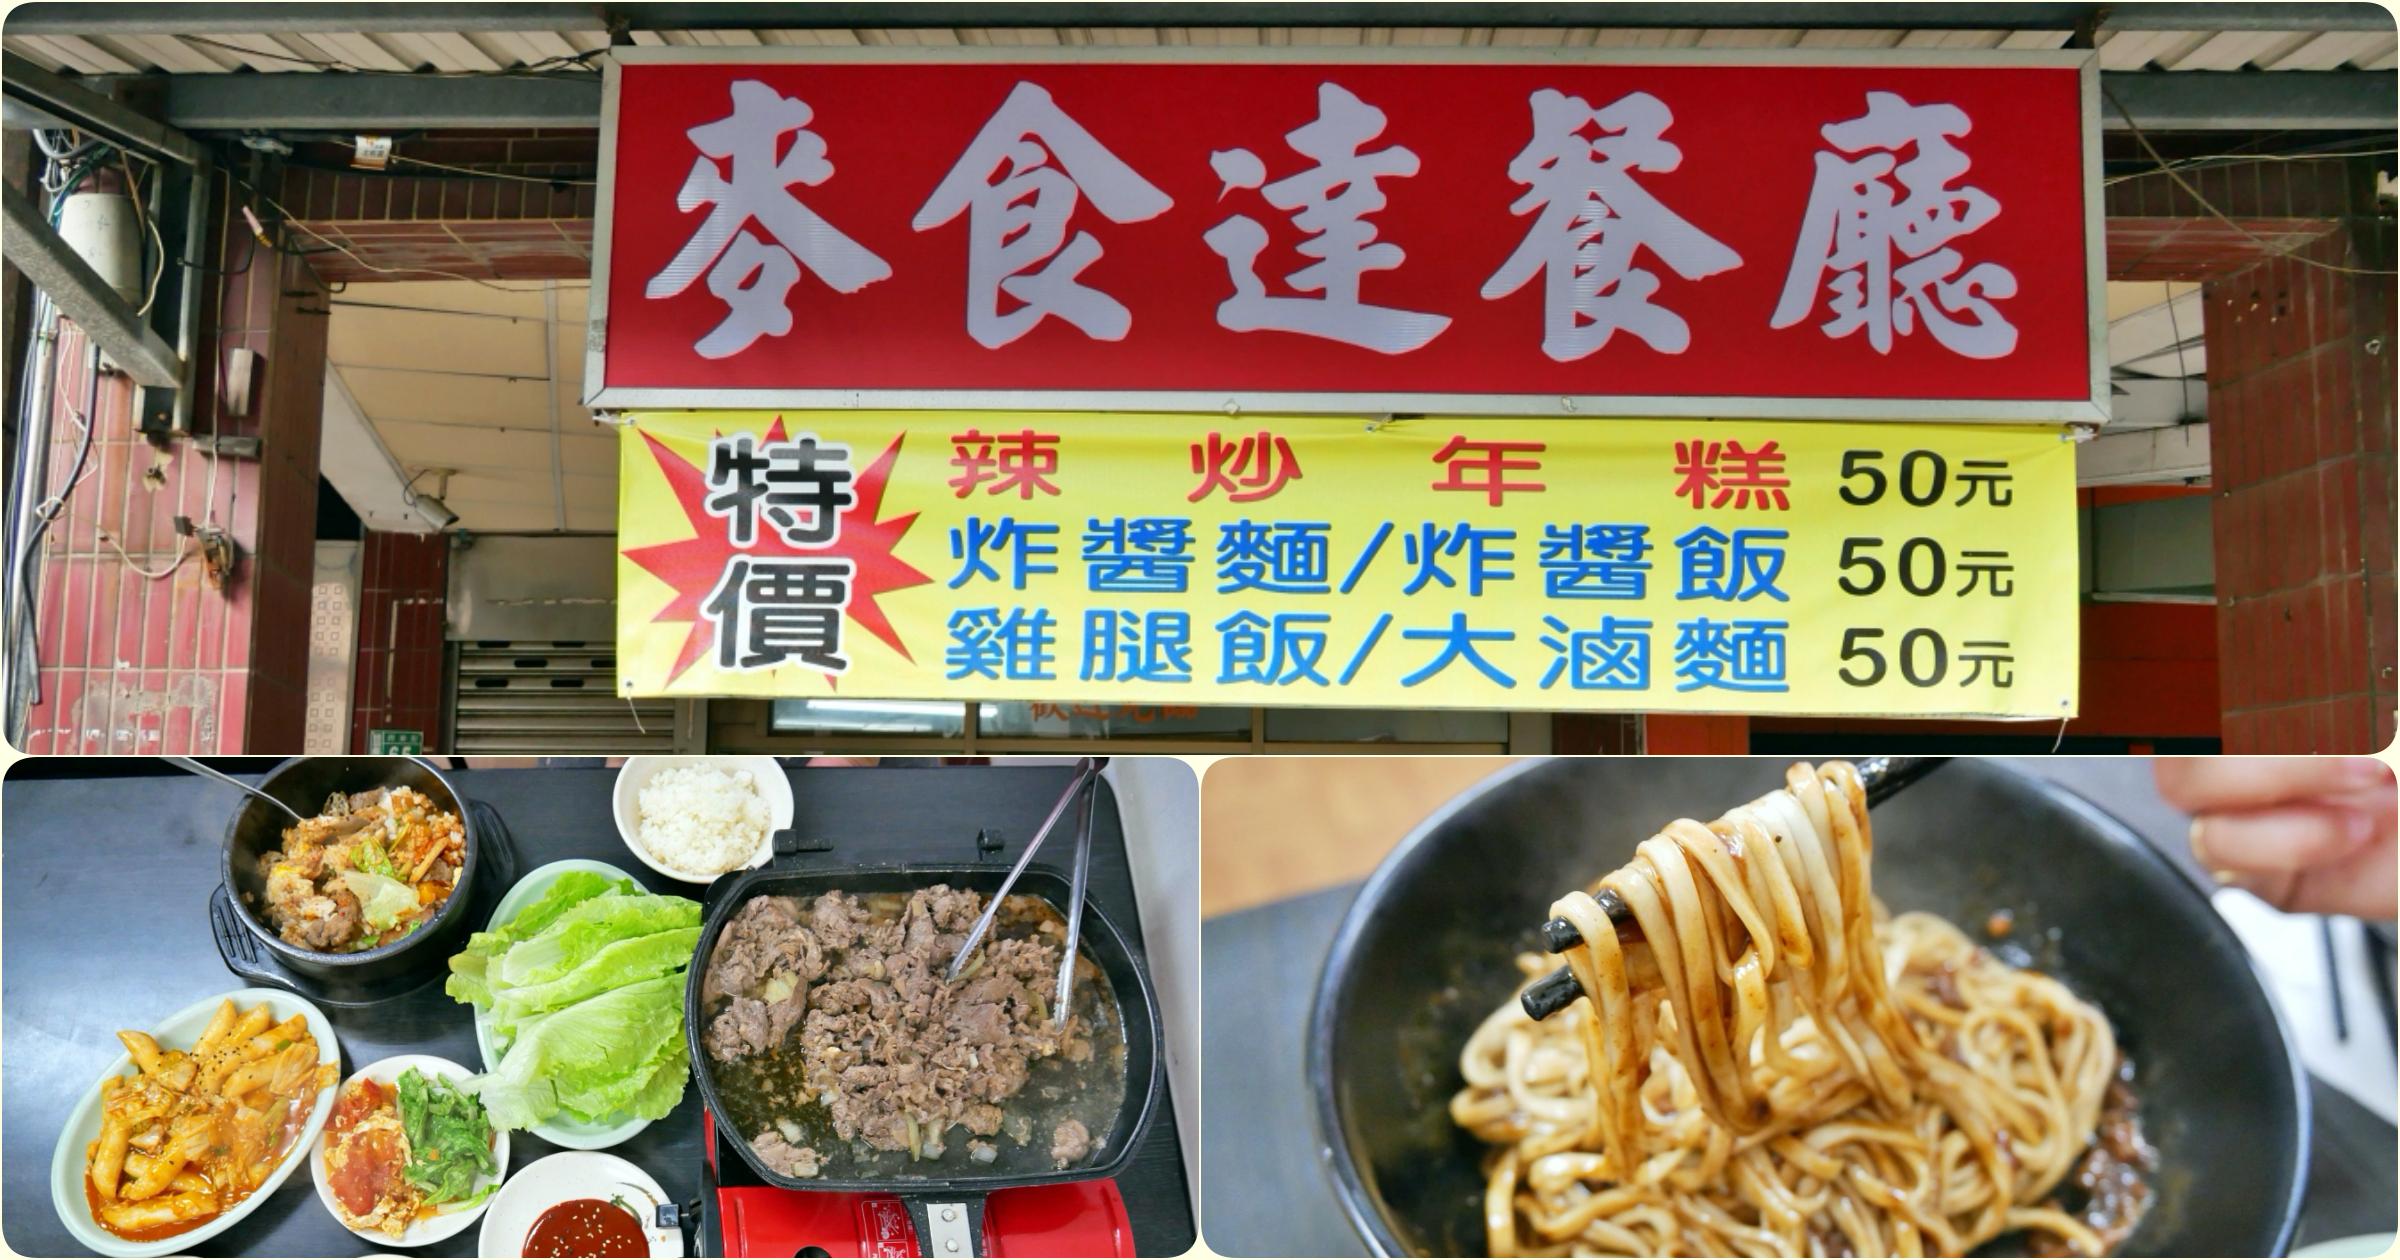 最新推播訊息:[桃園美食]麥食達韓式料理美食專賣店|桃園市政府附近台式口味的韓式料理.平價小吃